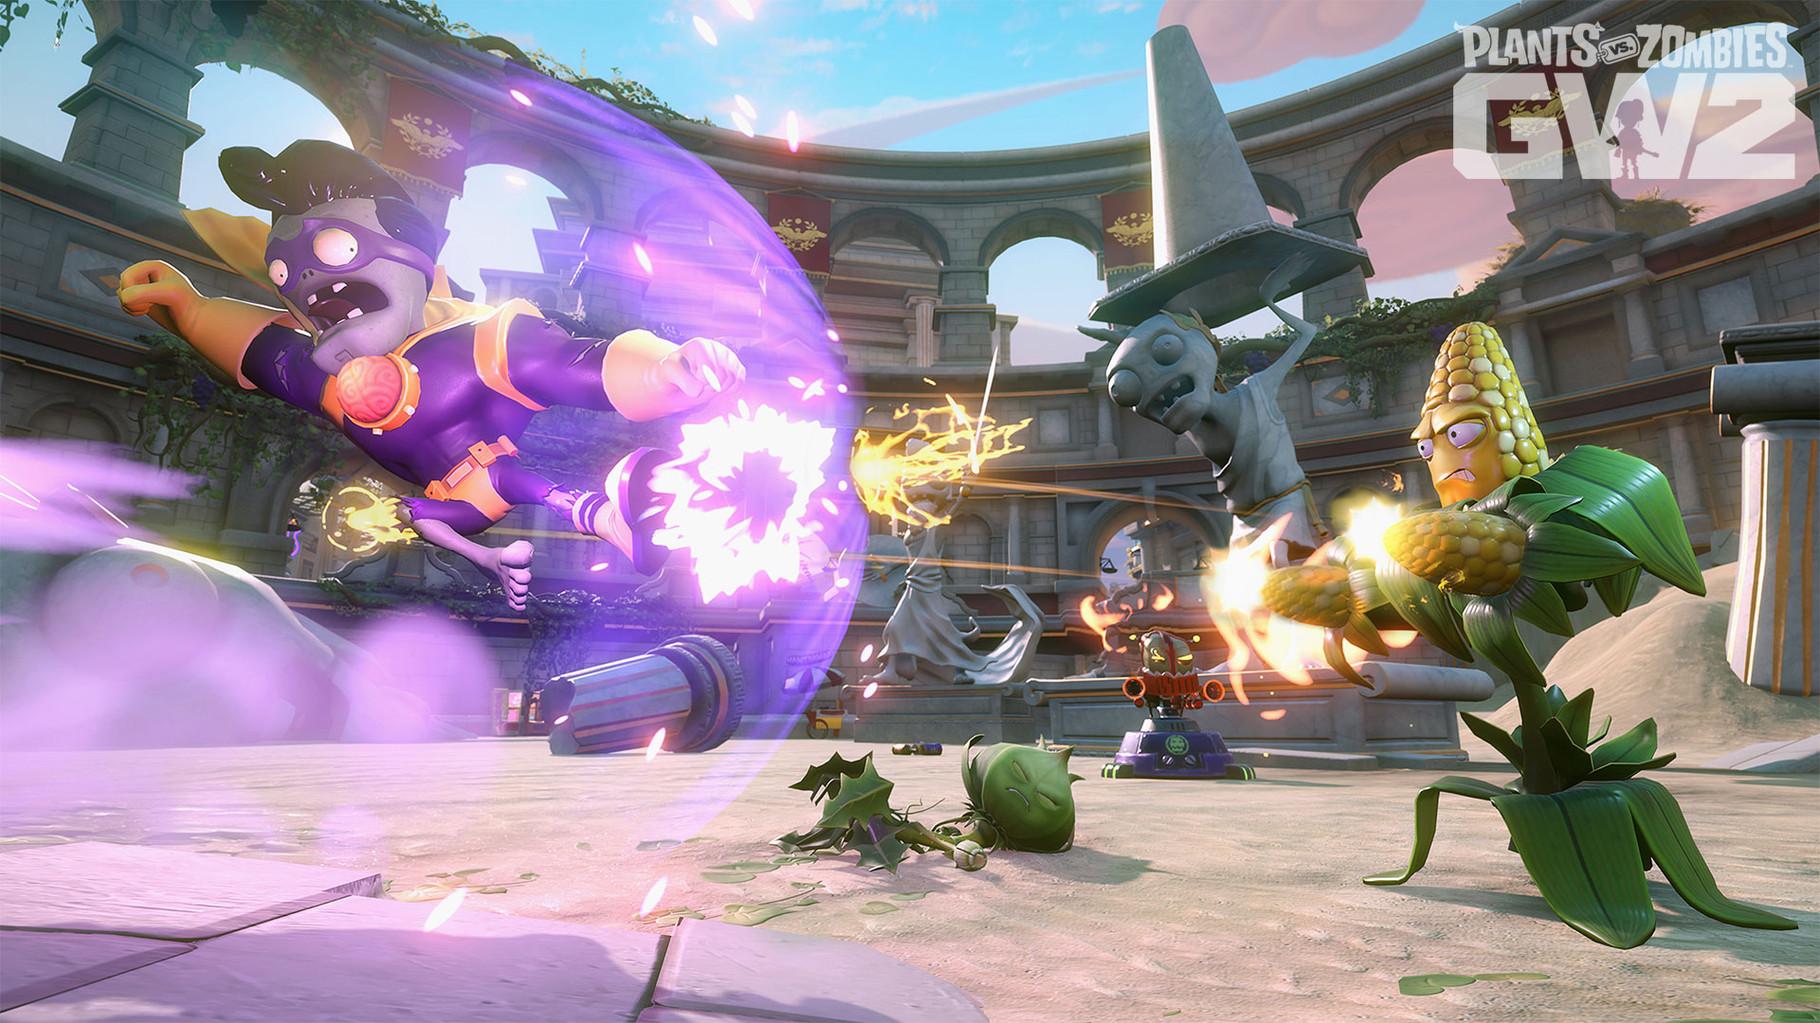 Plants vs. Zomies: Garden Warfare 2: Neben zwölf neuen Karten, sechs zusätzlichen Charakteren und Splitscreen-Modus sollen viele nachgereichte Gratis-Inhalte und ein Singleplayer-Modus das humorige Action-Aufgebot lange am Leben erhalten.